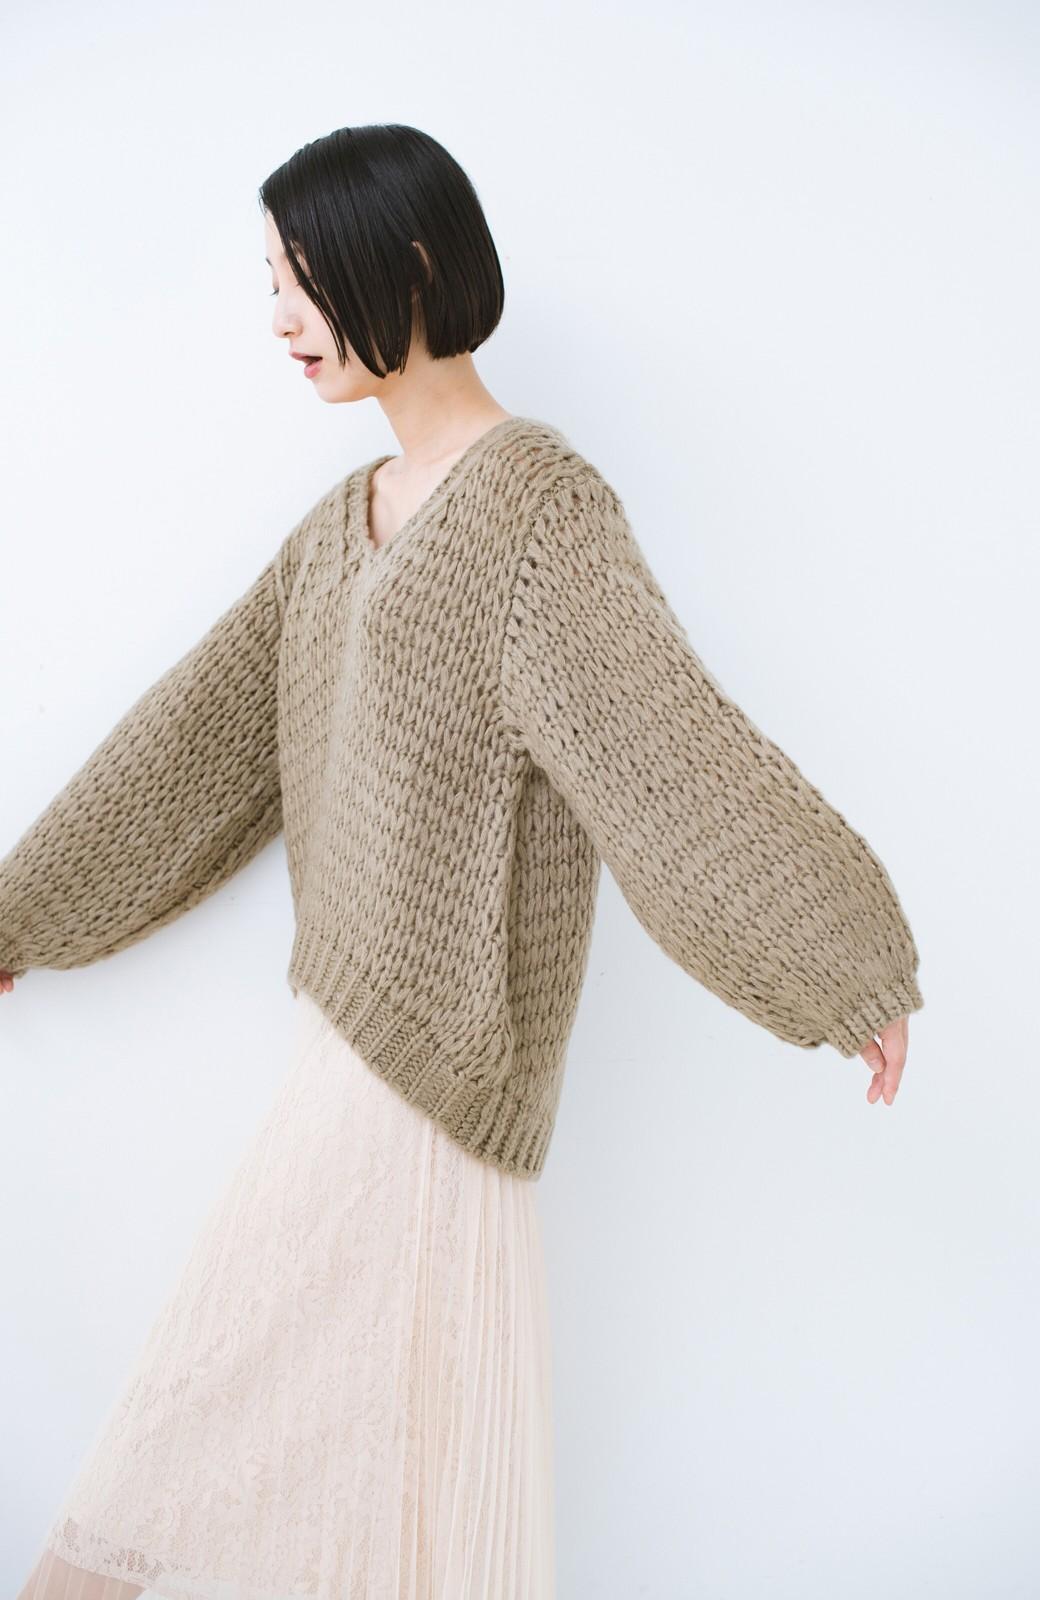 haco! 手編み風のざっくり感で女っぽい Vネックの甘編みルーズニット <グレイッシュベージュ>の商品写真12